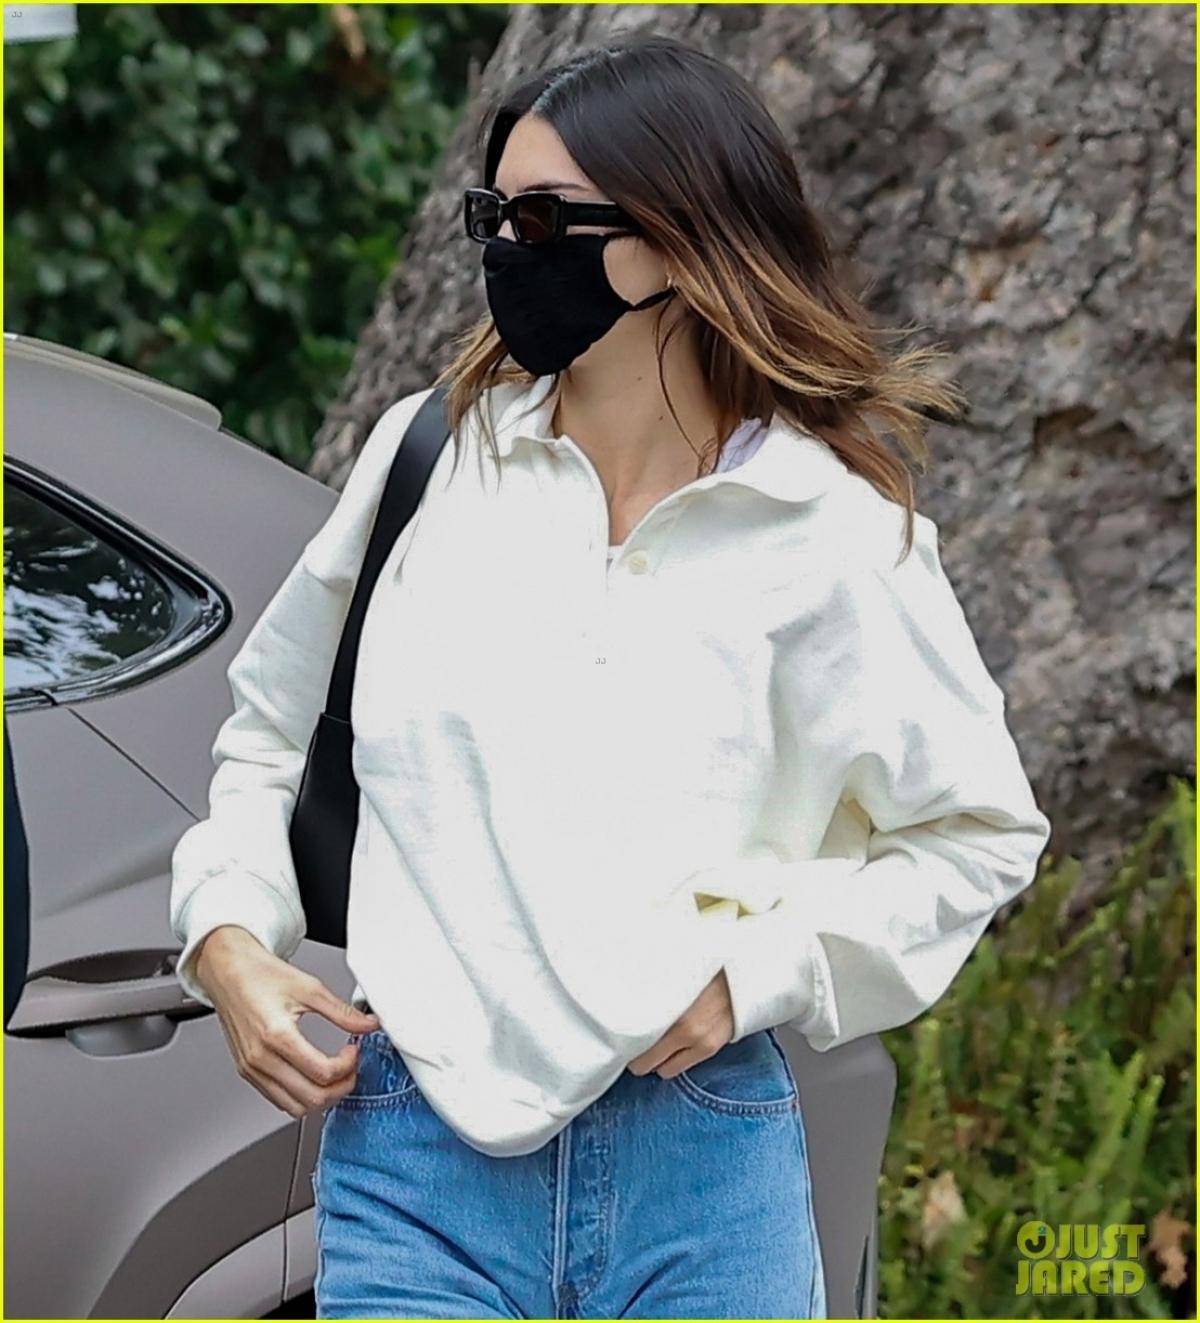 Em gái Kim Kardashian diện áo sơ mi và quần jeans trẻ trung. Cô buông xõa tóc và đeo khẩu trang cẩn thận ra phố.